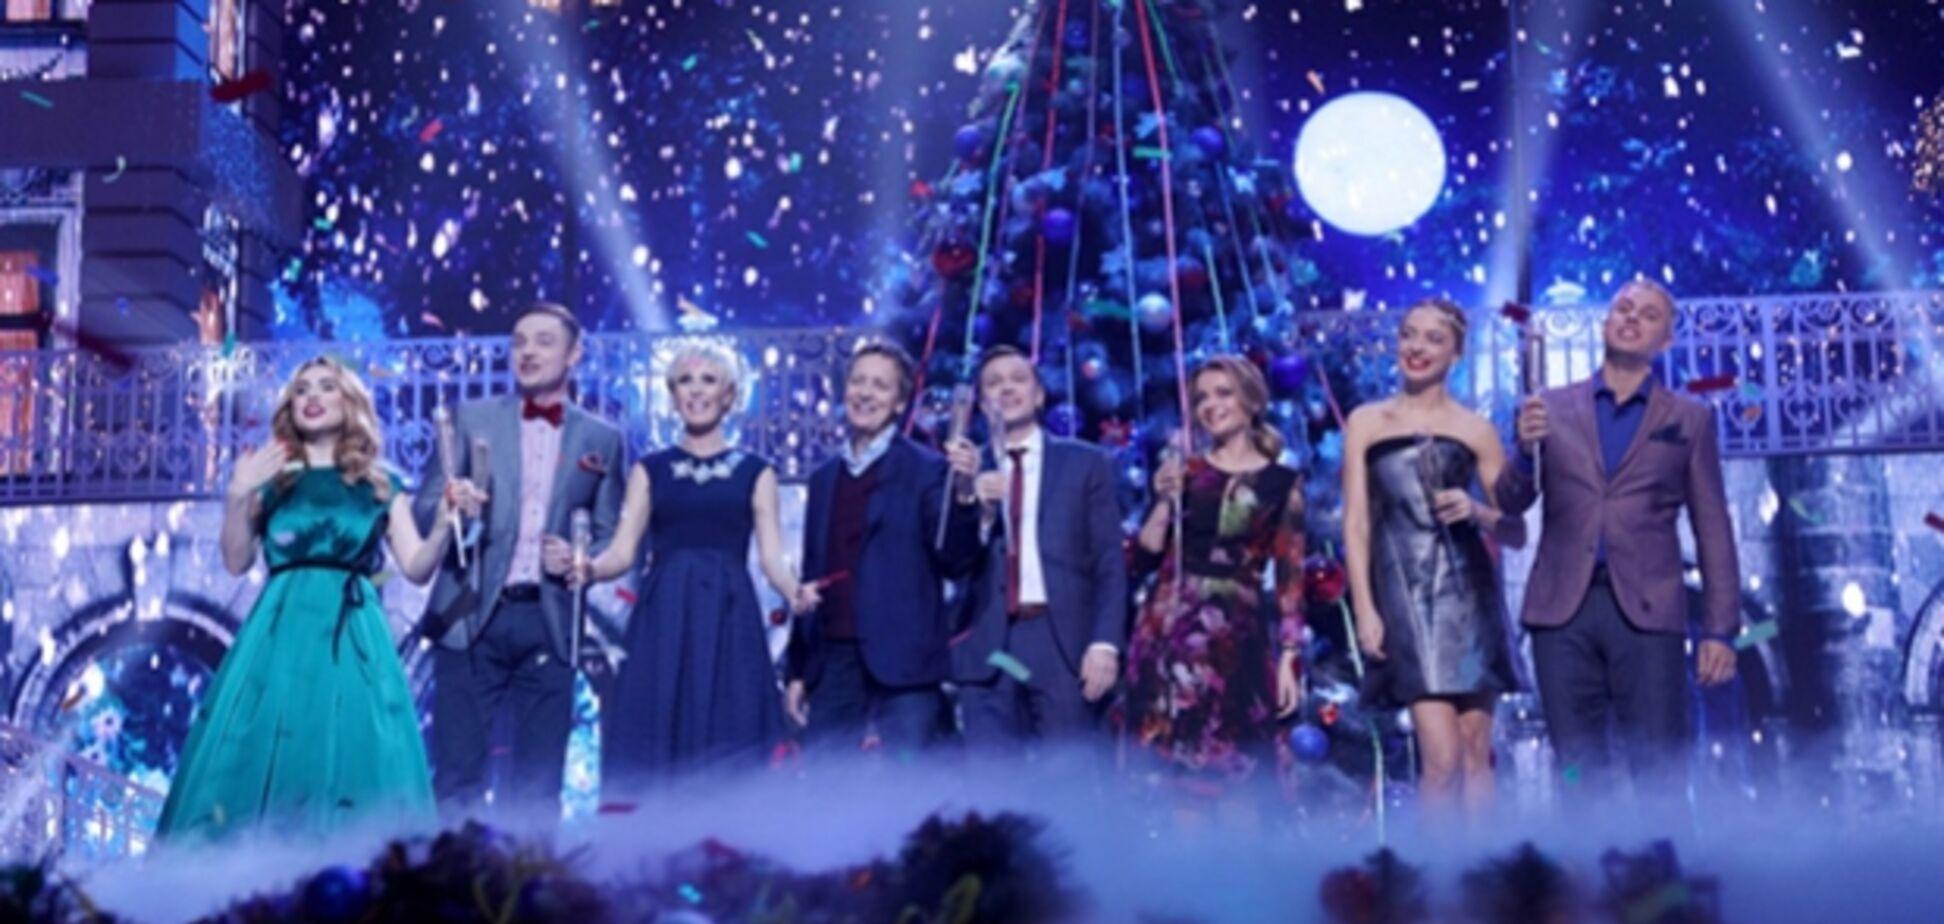 'Плювок в обличчя українцям': навколо новорічного концерту 'Інтера' розгорівся скандал